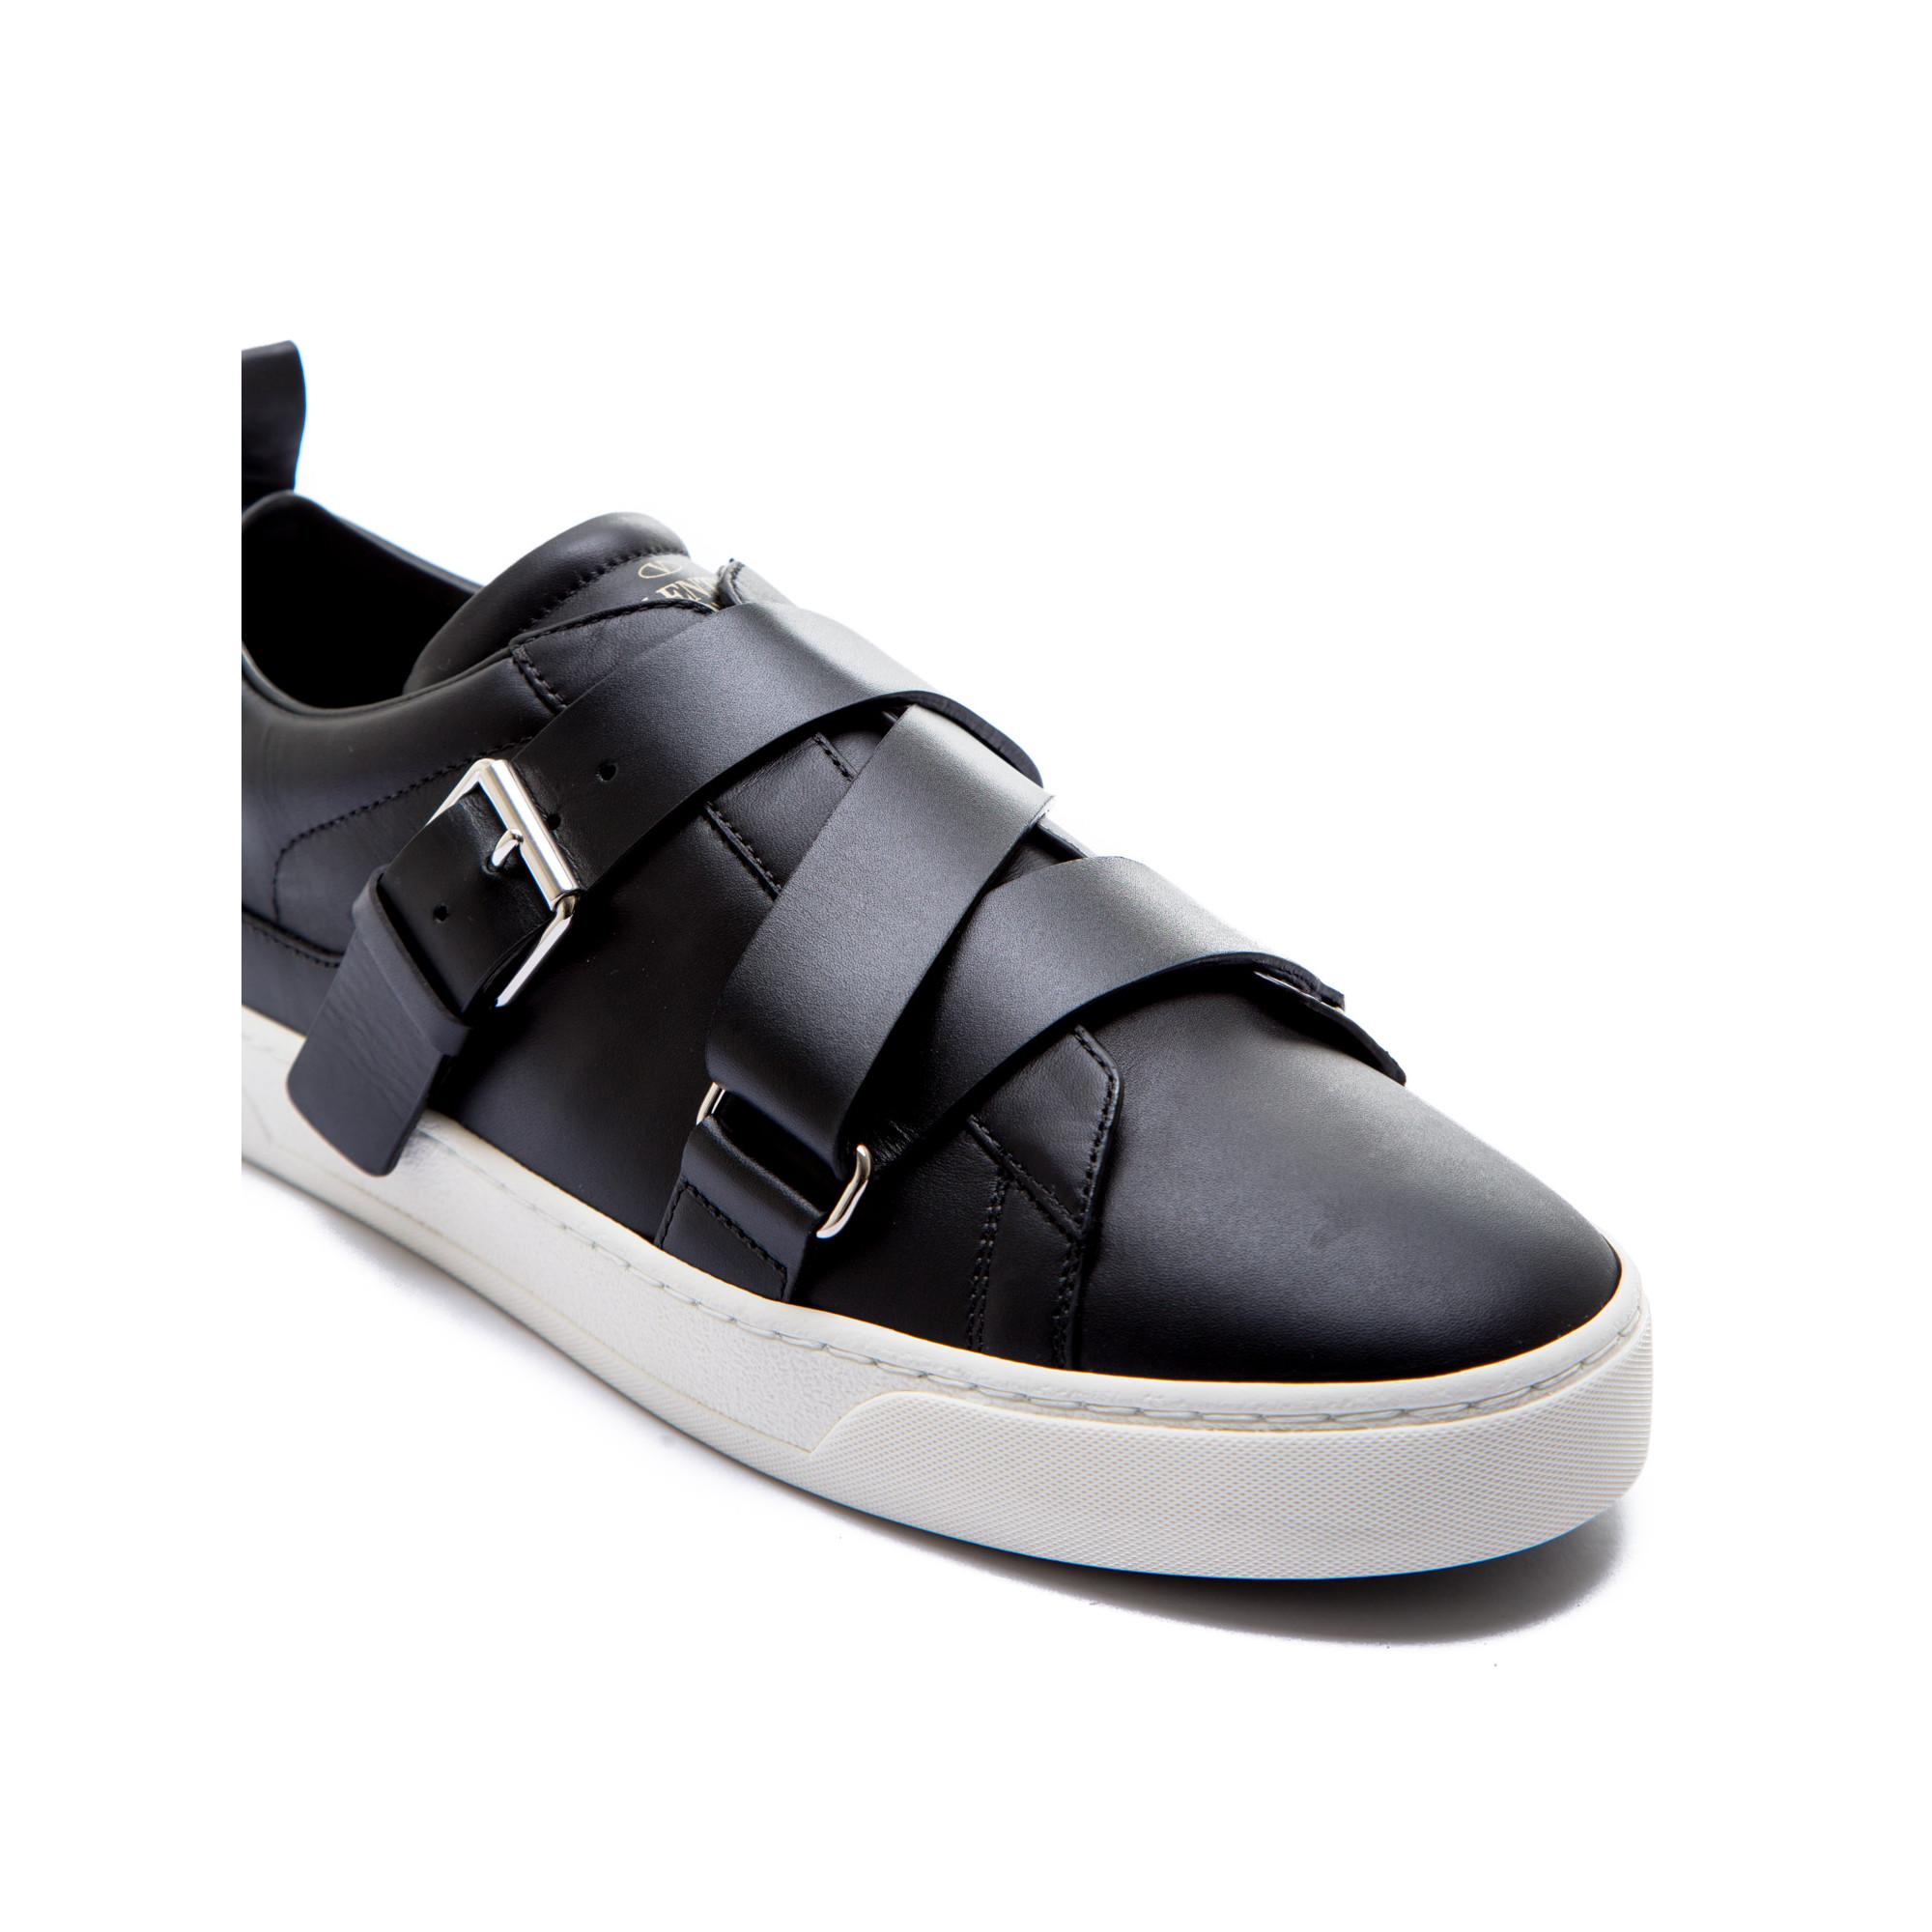 Givenchy Chaussures Noires Avec Des Boucles Pour Les Hommes rHzK1A6h